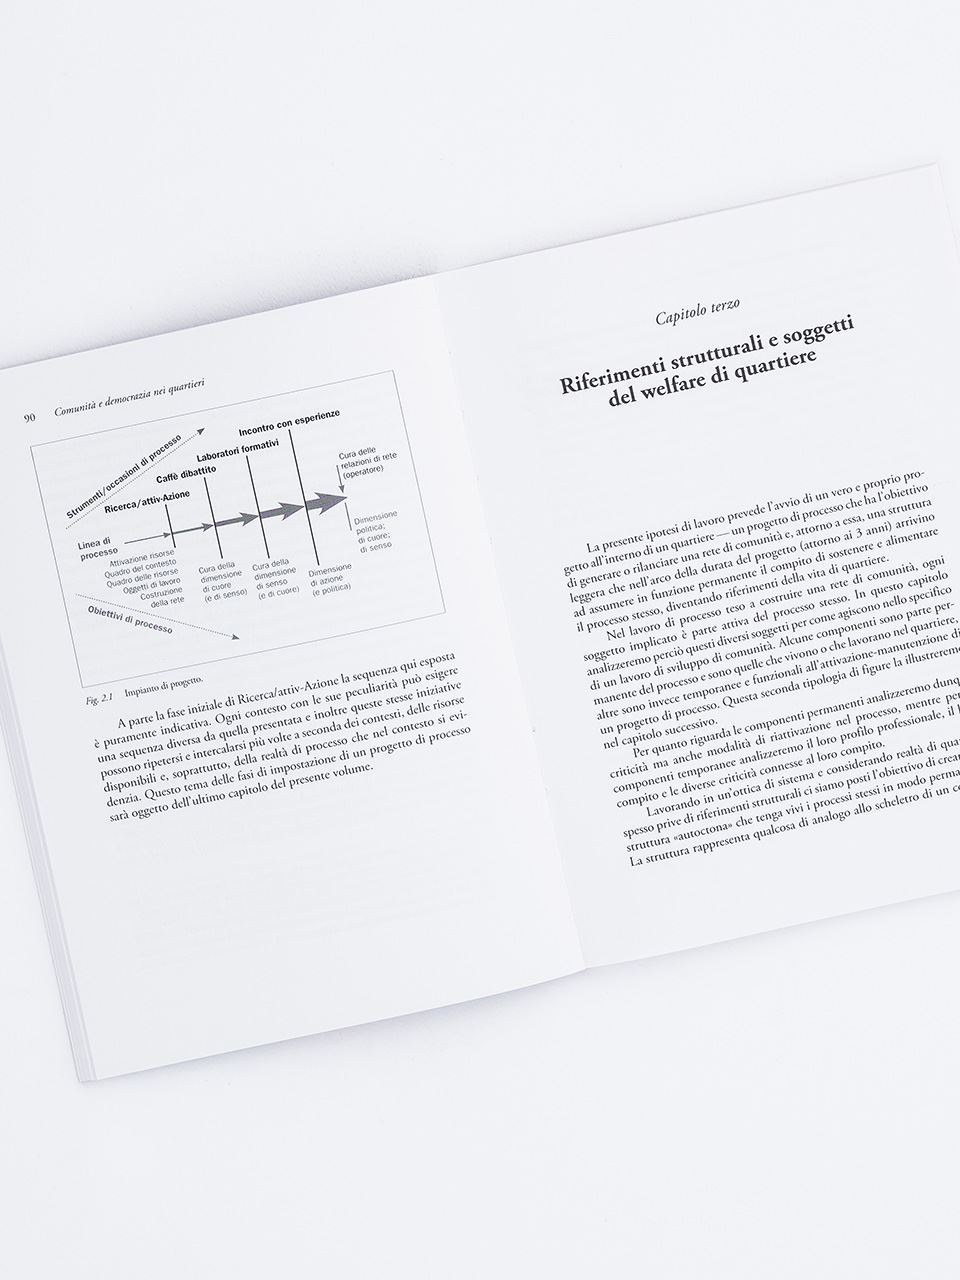 Comunità e democrazia nei quartieri - Libri - Erickson 2